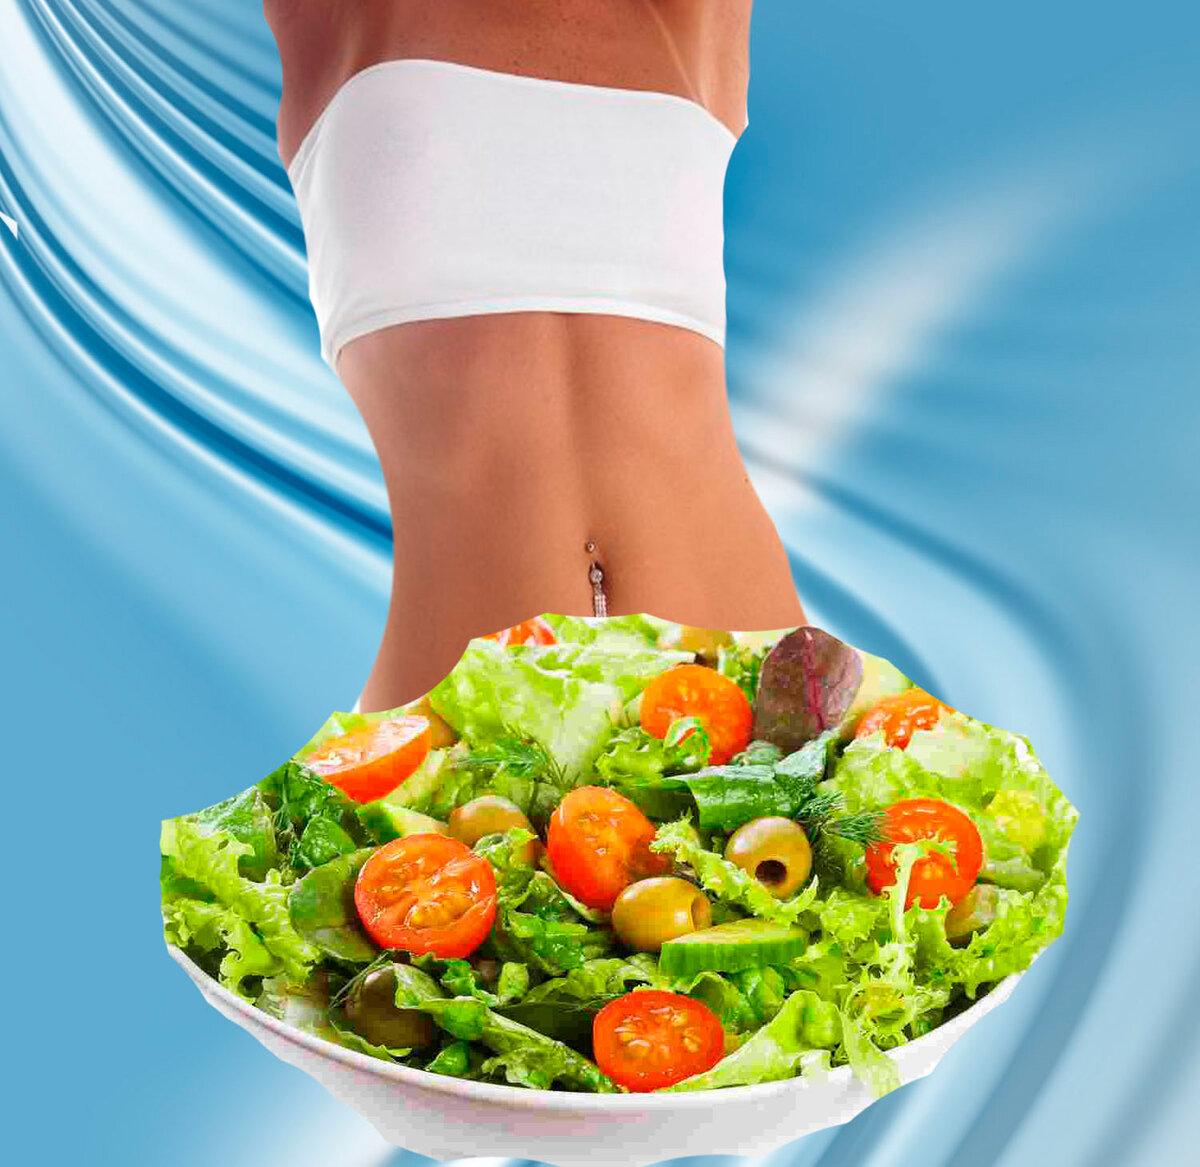 Здоровая Низкокалорийная Диета. Низкокалорийная диета: меню на неделю и на месяц с рецептами